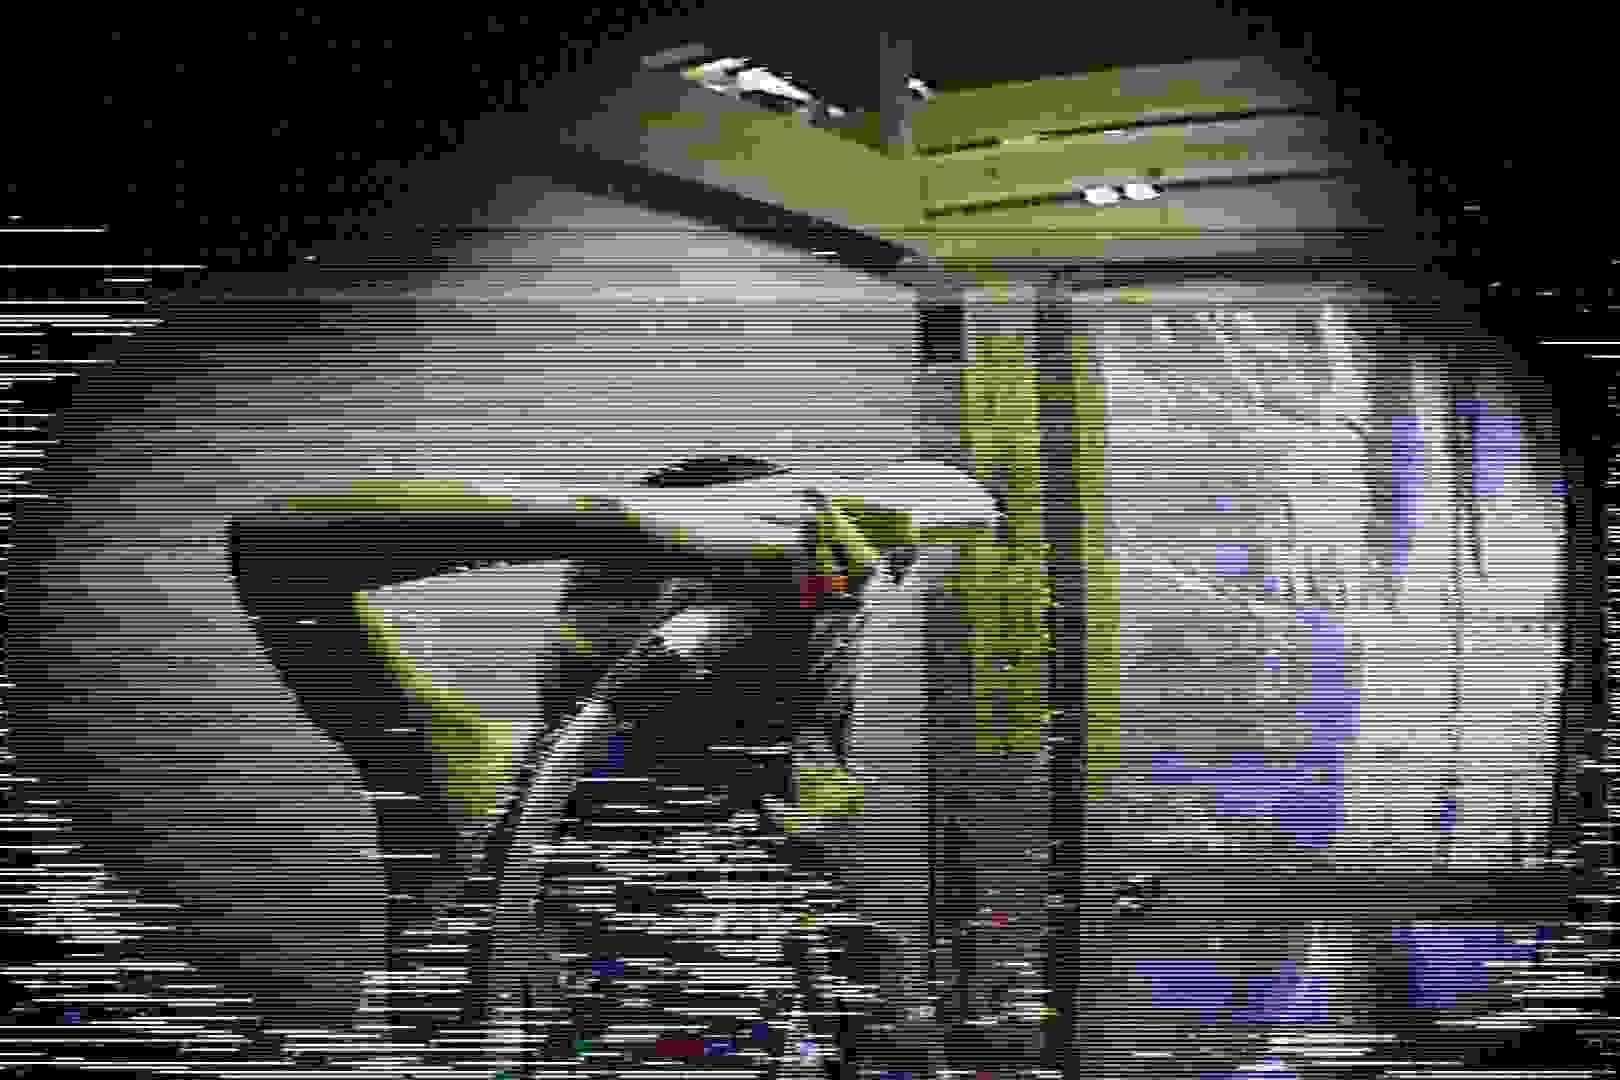 海の家の更衣室 Vol.45 シャワー中 | 美女達のヌード  64連発 22